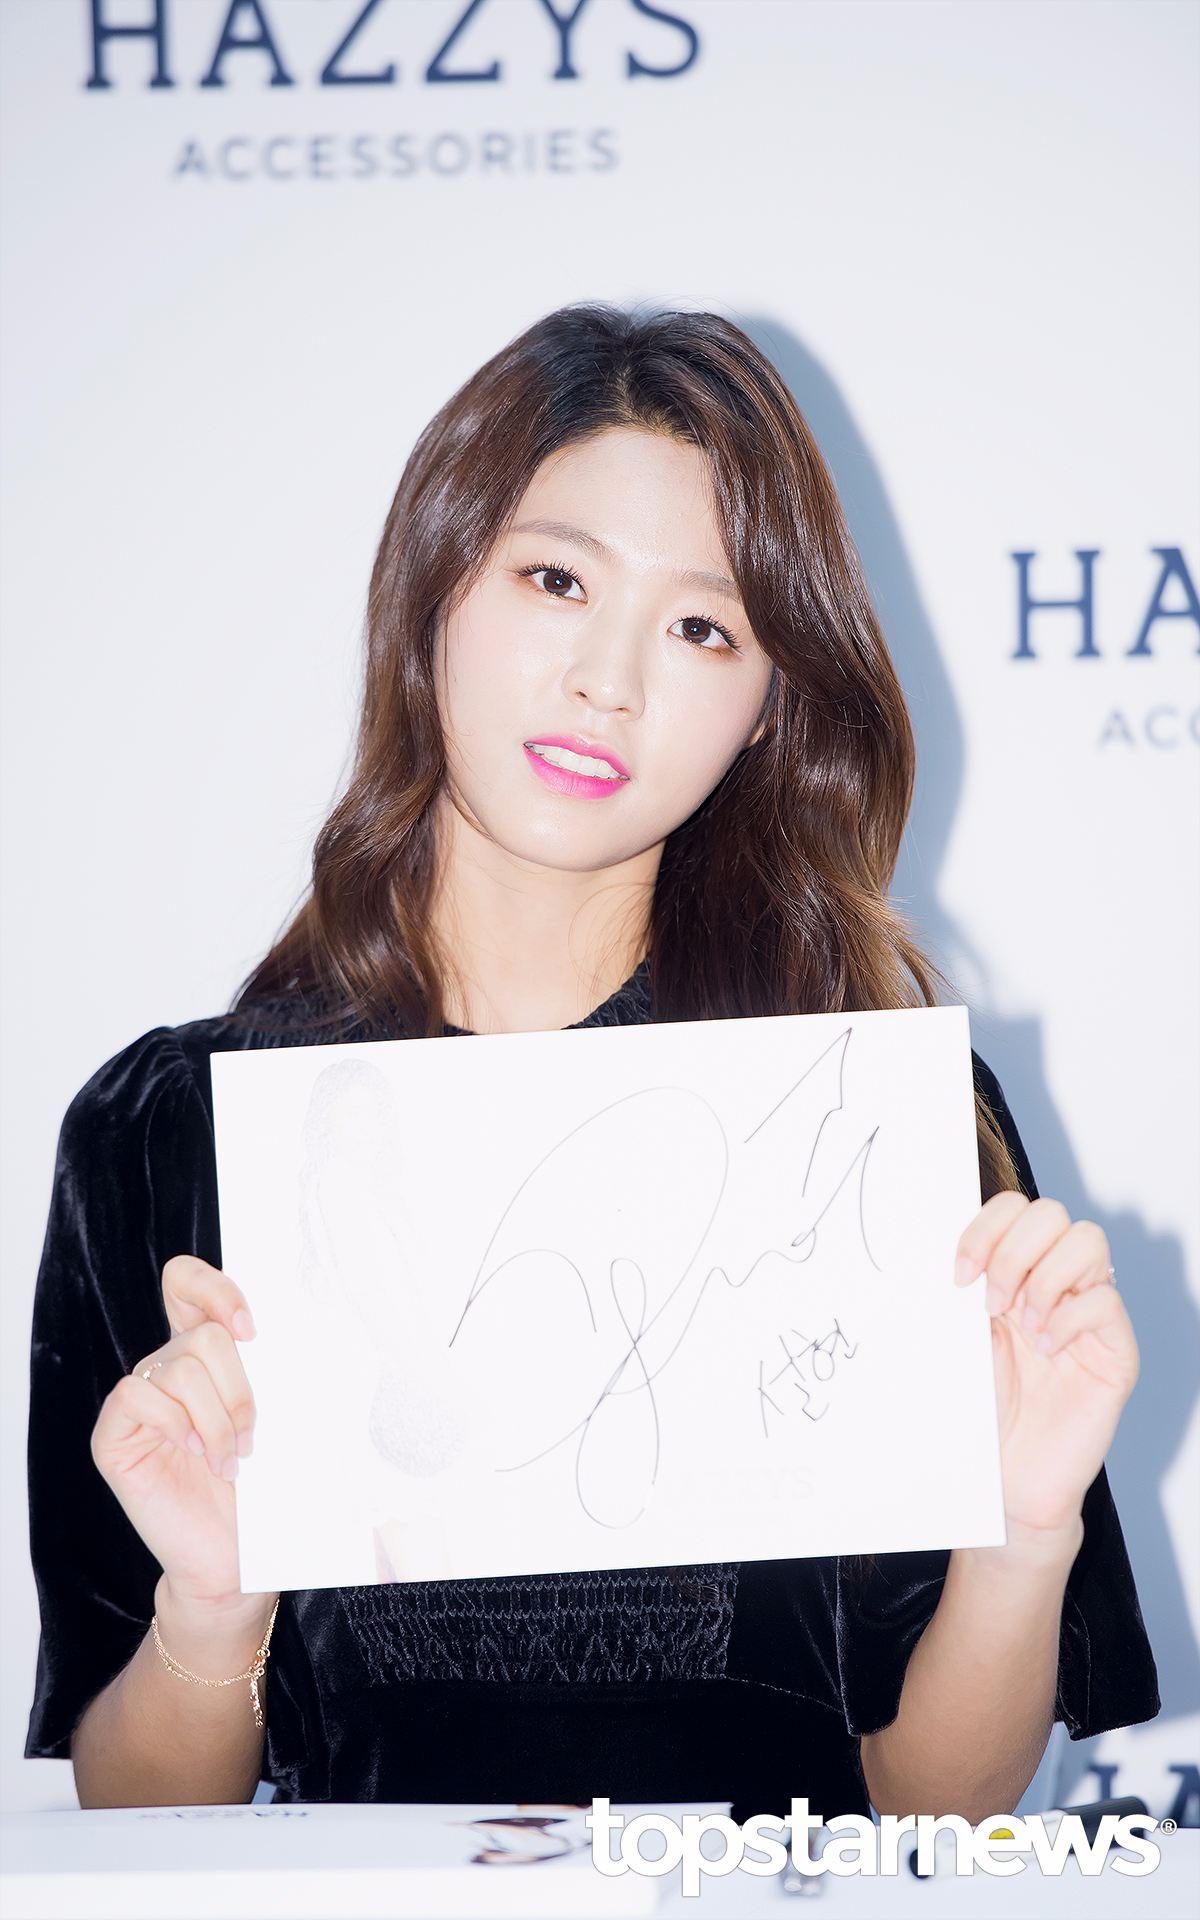 20位 哈妮 (EXID)  19位 Mina (TWICE) 18位 雪炫 (AOA) 17位 Dara (2NE1) 16位 娜恩 (Apink)